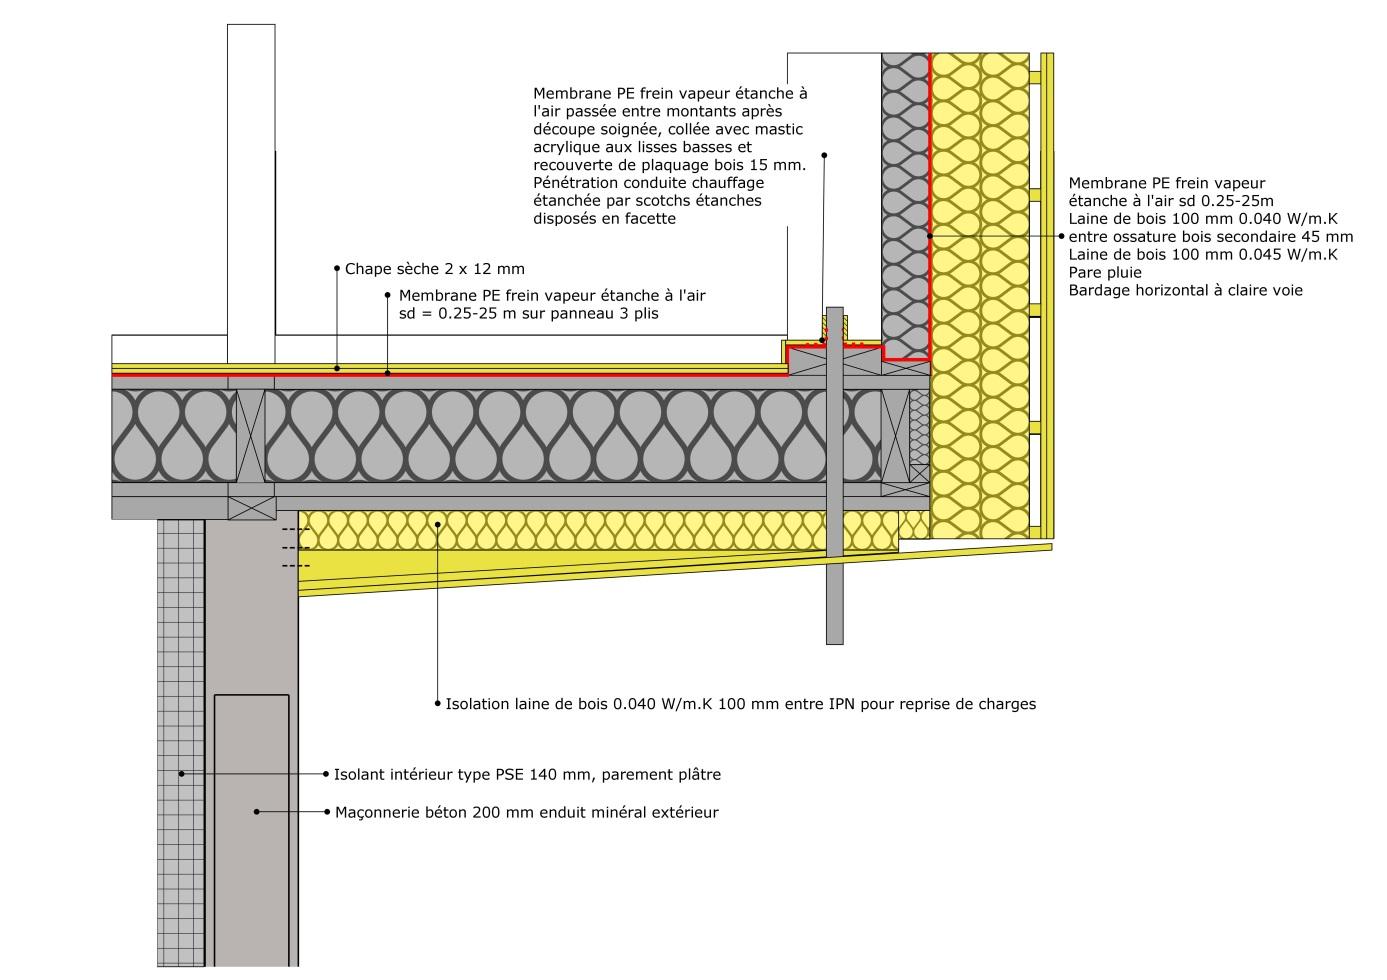 Isolation Mur Exterieur Renovation la maison passive détails : raccords plancher bas/mur extérieur